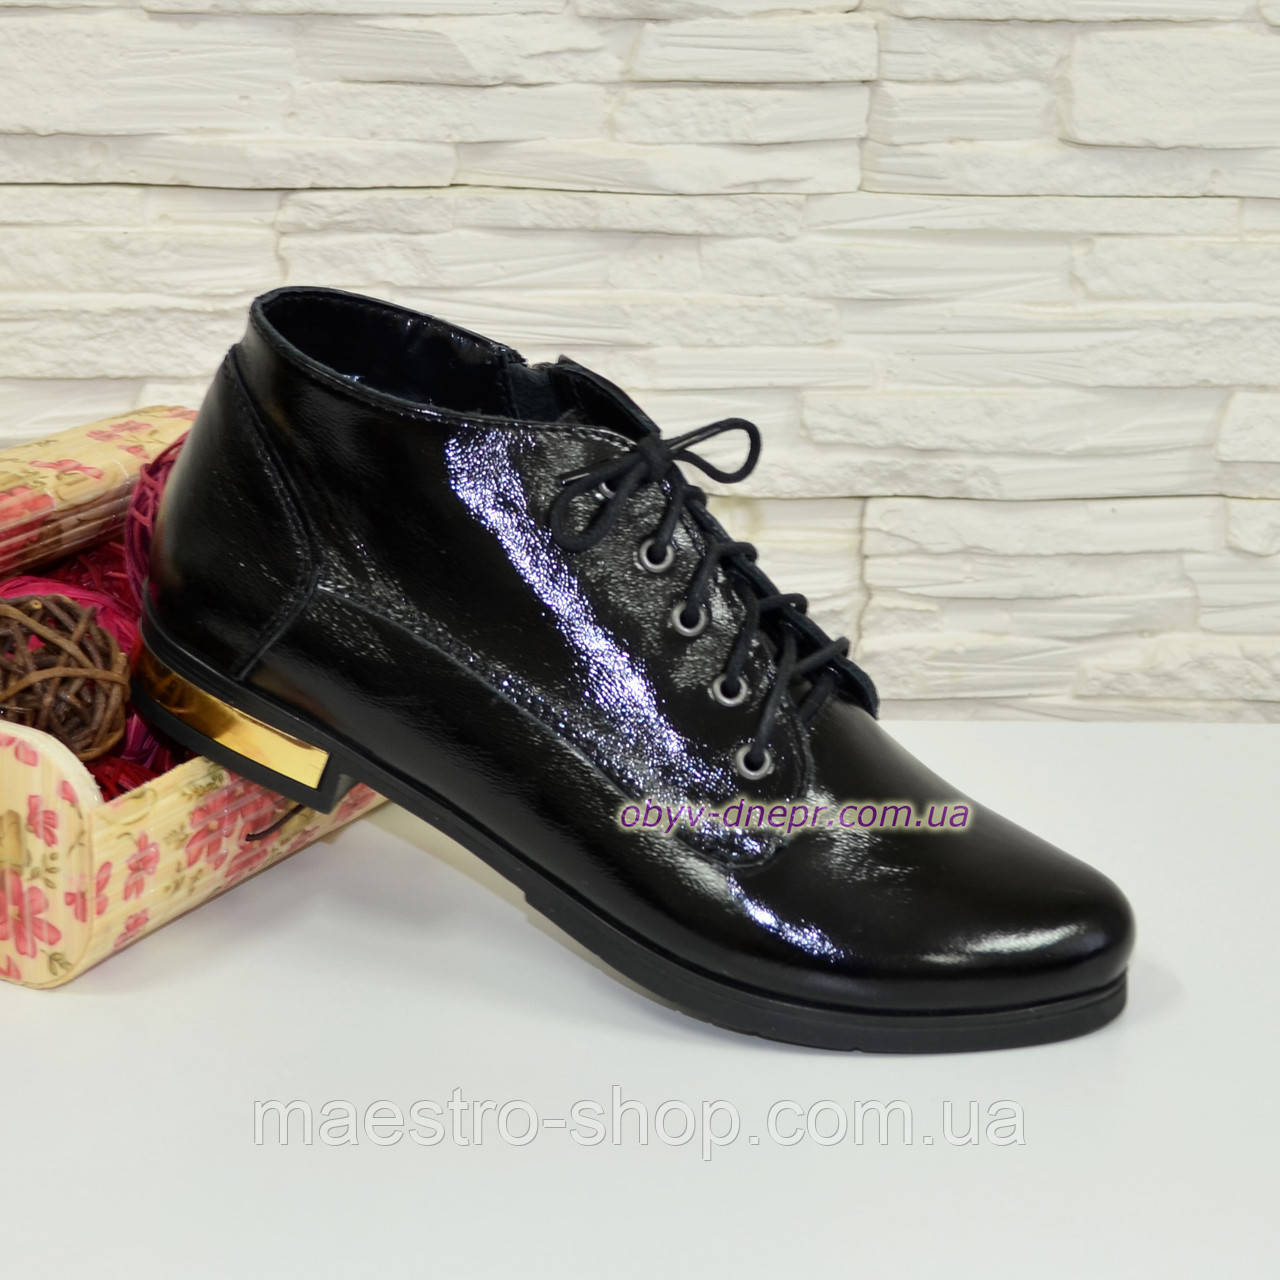 Стильные женские лаковые ботинки, внутри на байке.